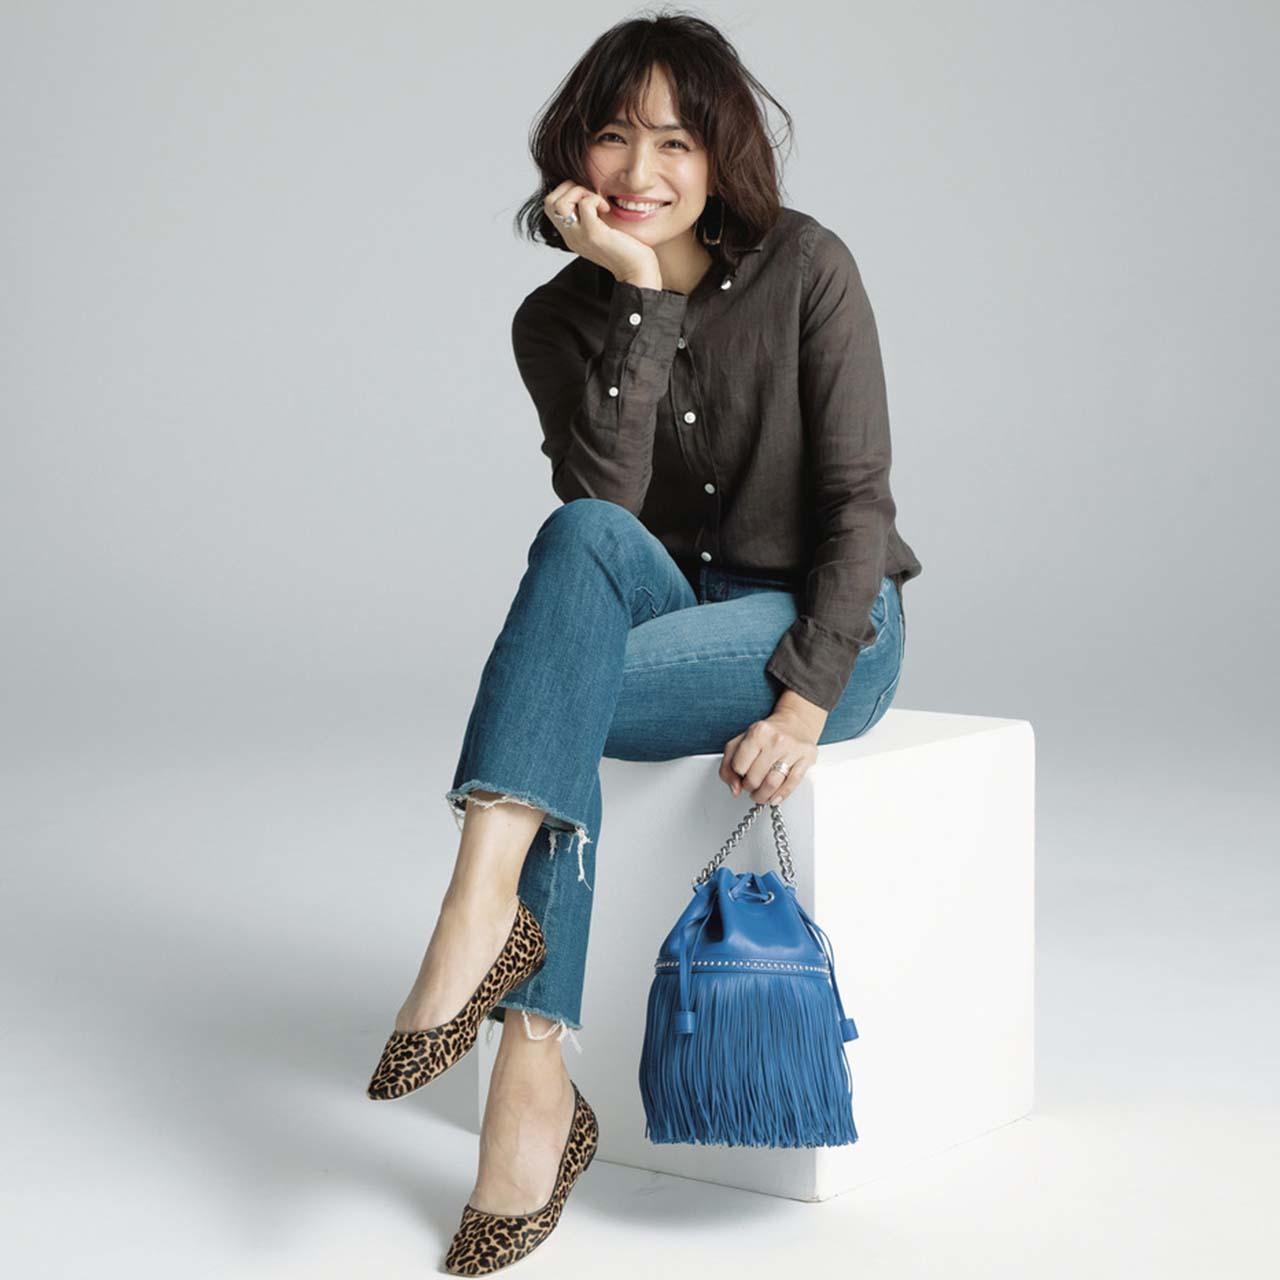 筒型バッグを持つモデルの佐田真由美さん